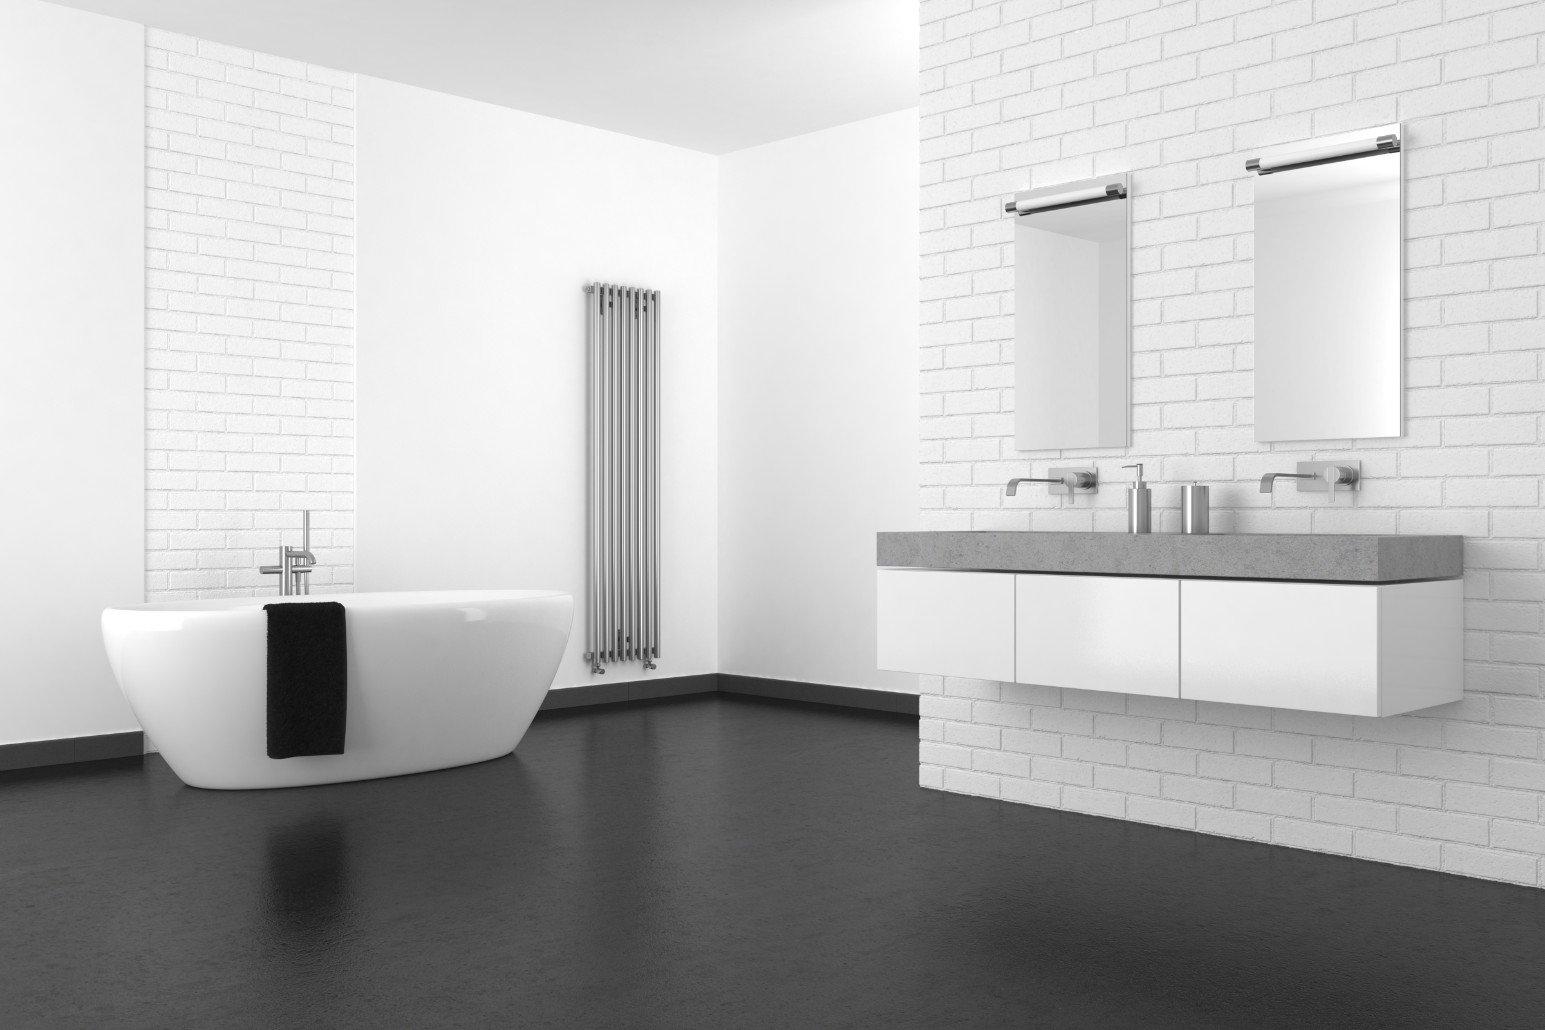 Bagno bianco, pareti di mattone bianco, doppio lavabo e vasca